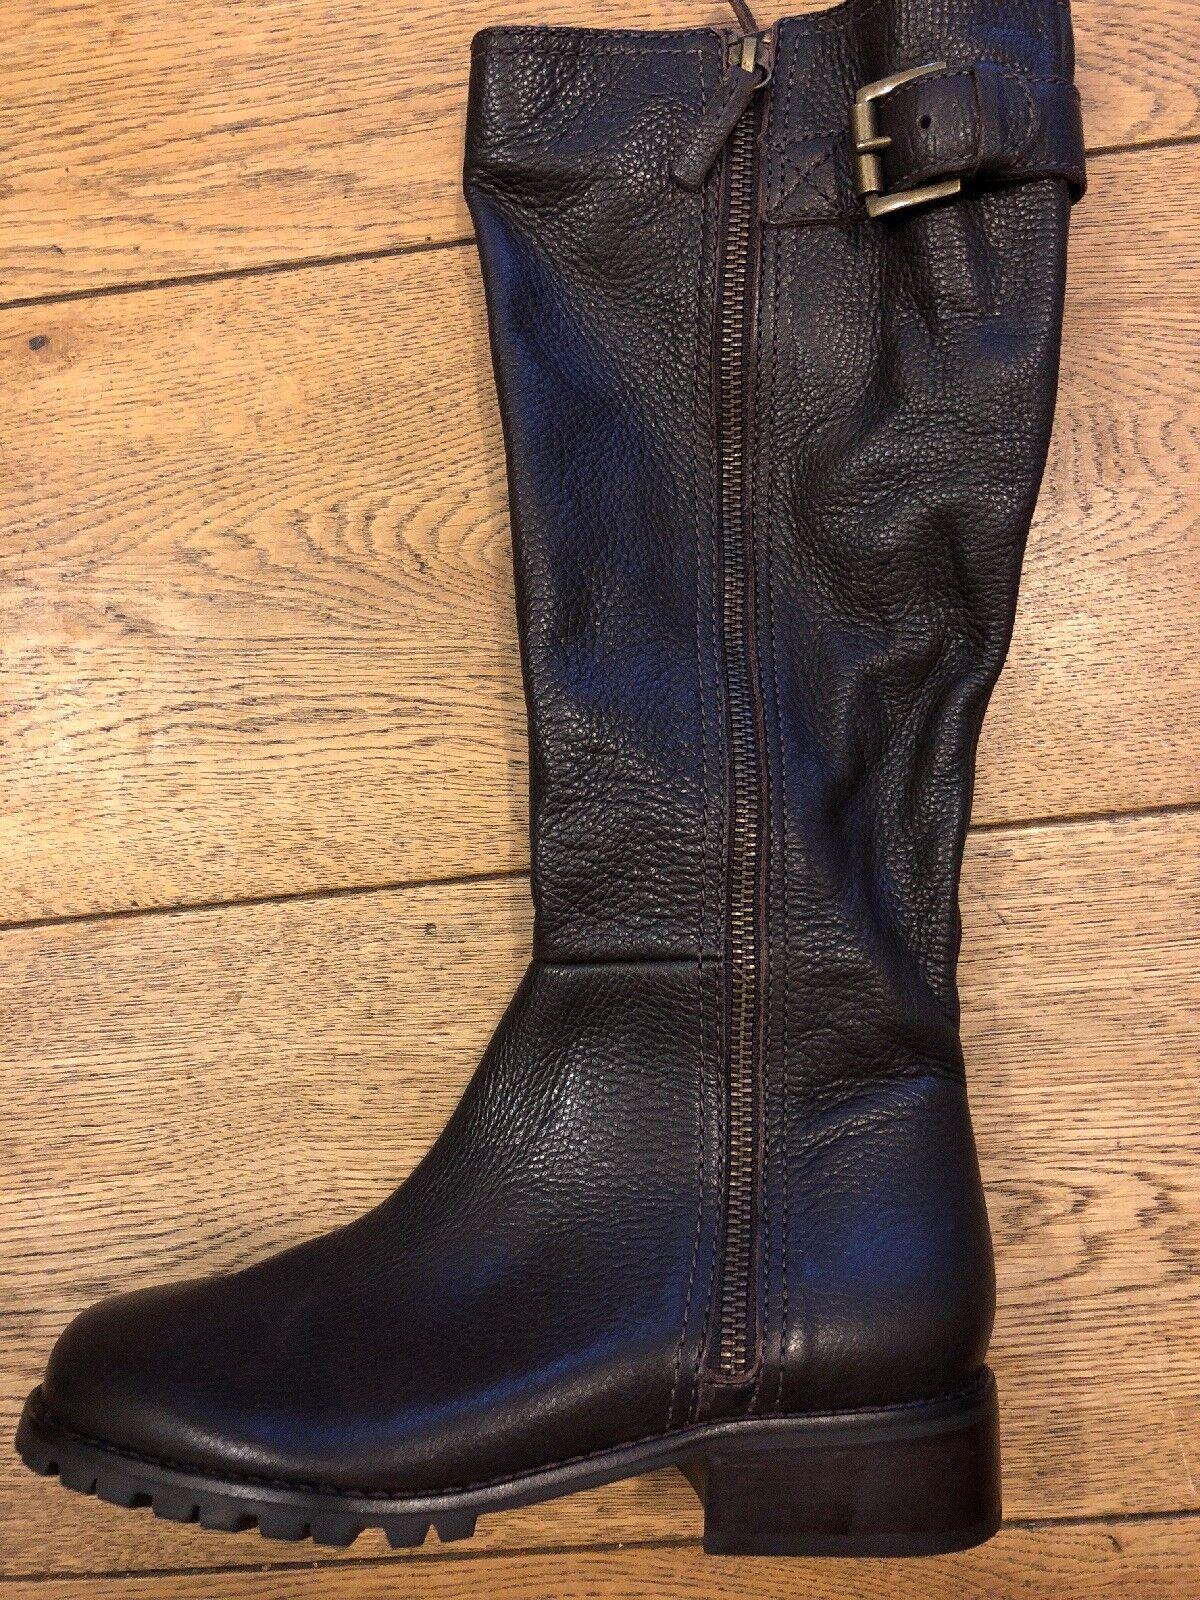 Neuf Belle 36 3 Cuir Boots En Taille Boden Souple 49db7d YwYprq